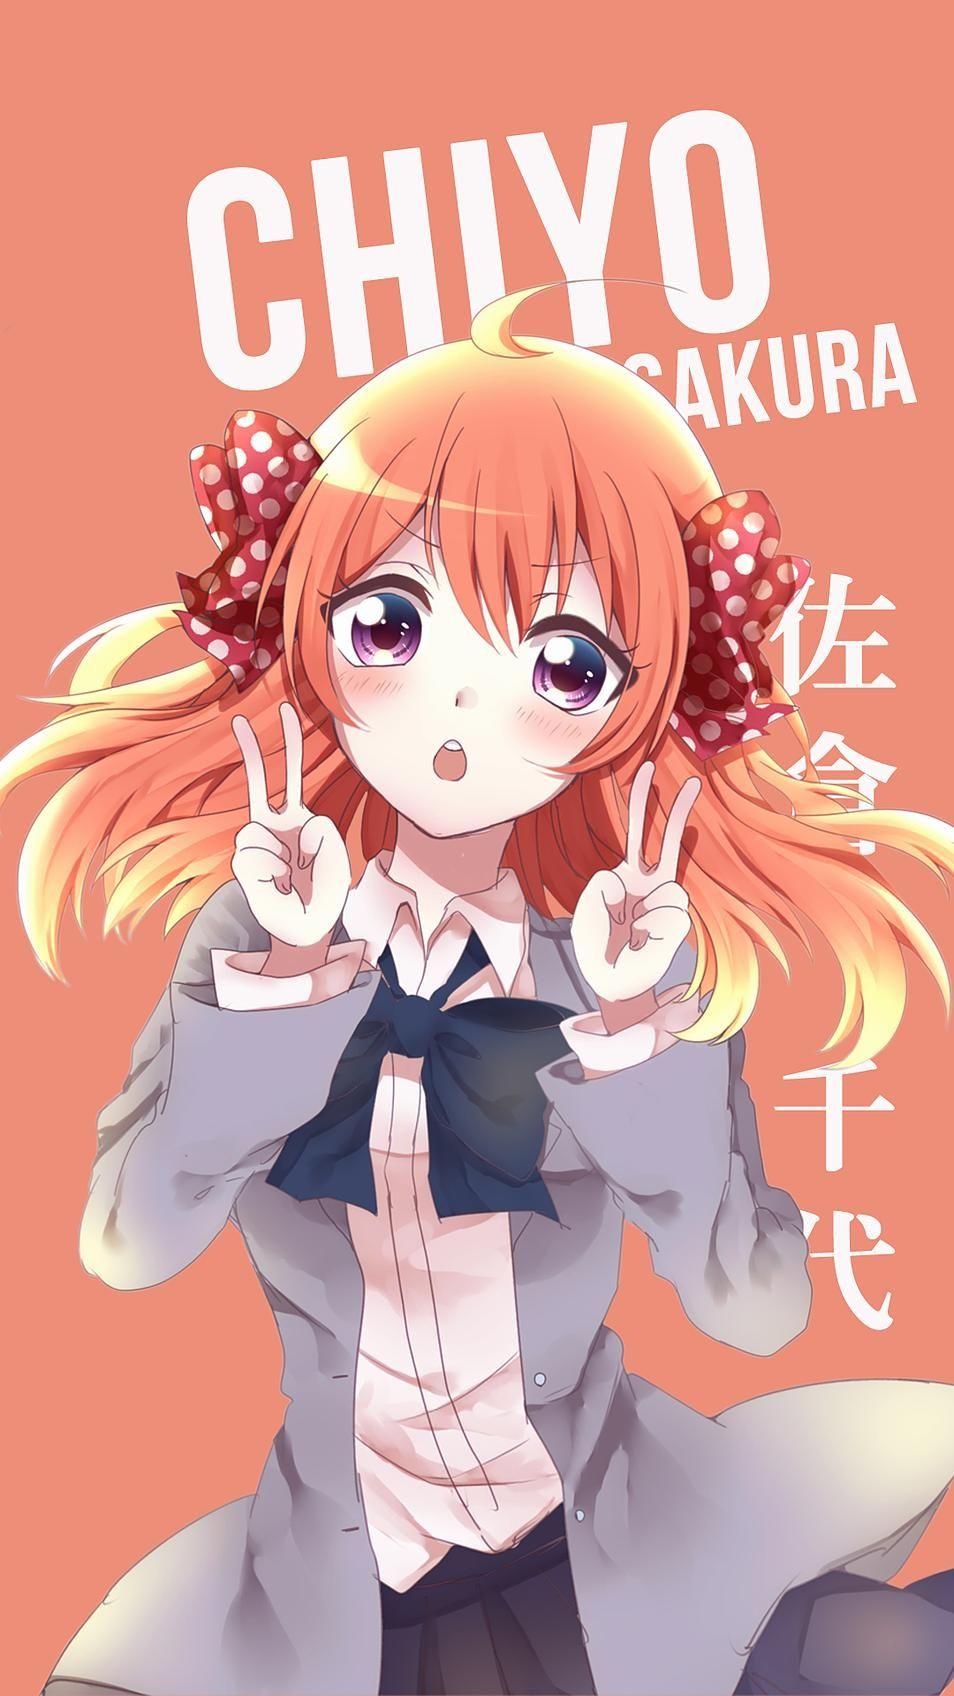 chiyo sakura ~ korigengi | wallpaper anime | korigengi | pinterest